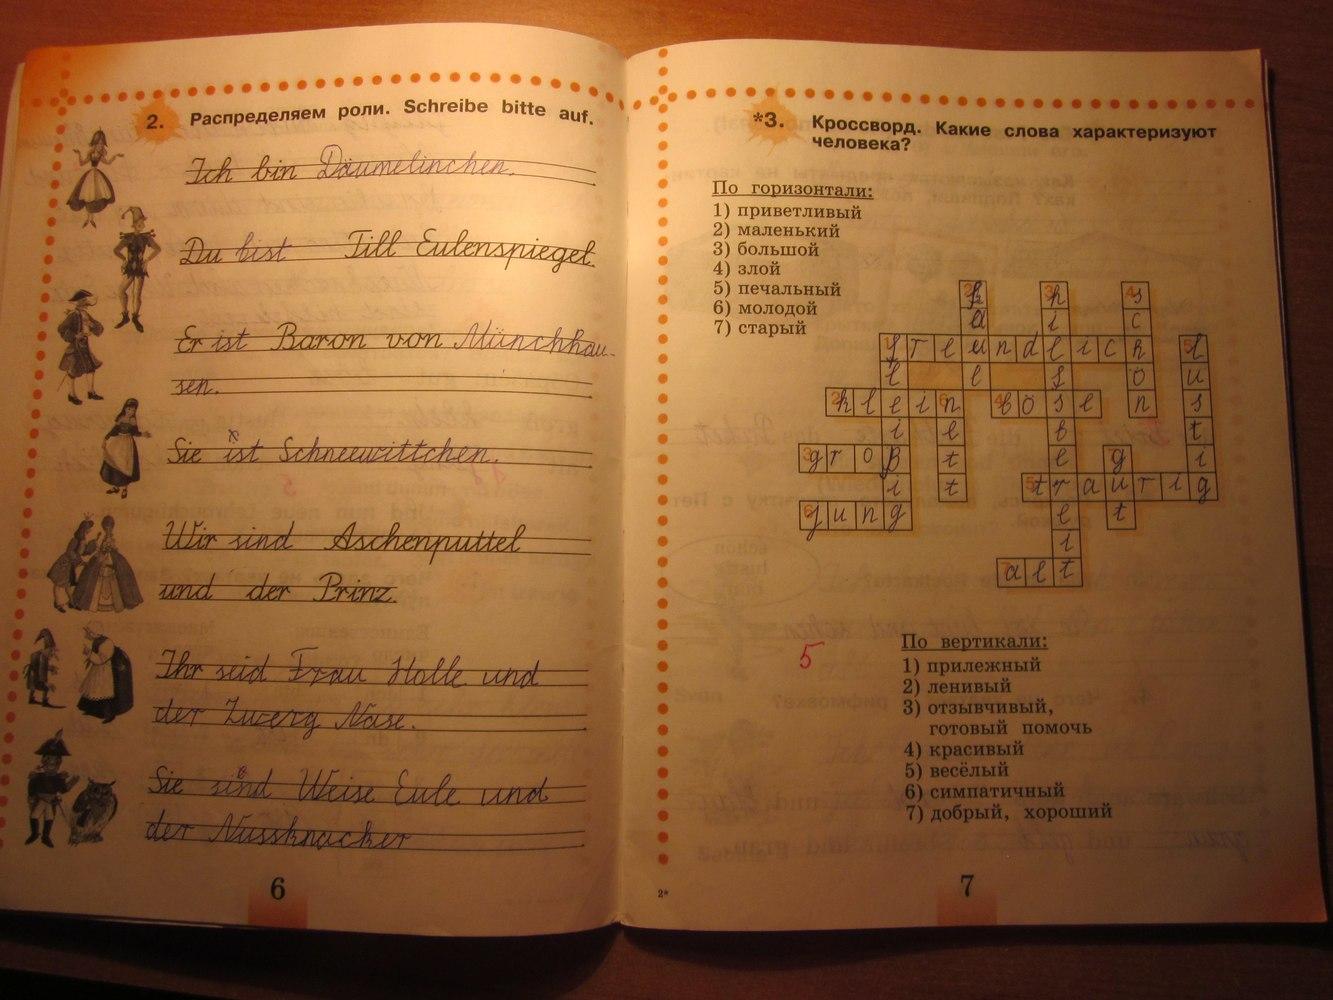 Гдз немецкий язык 2 класс. Бим и. Л. Часть 2. Задание №iii-1-2.